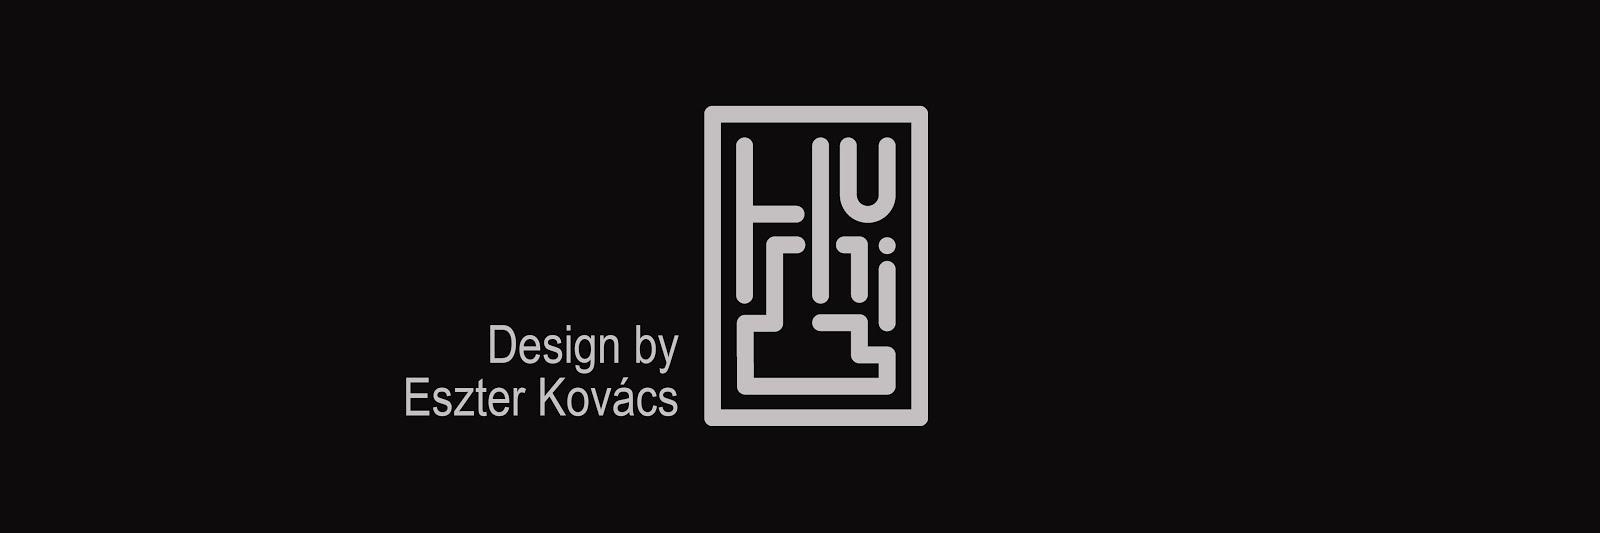 Eszter Kovács